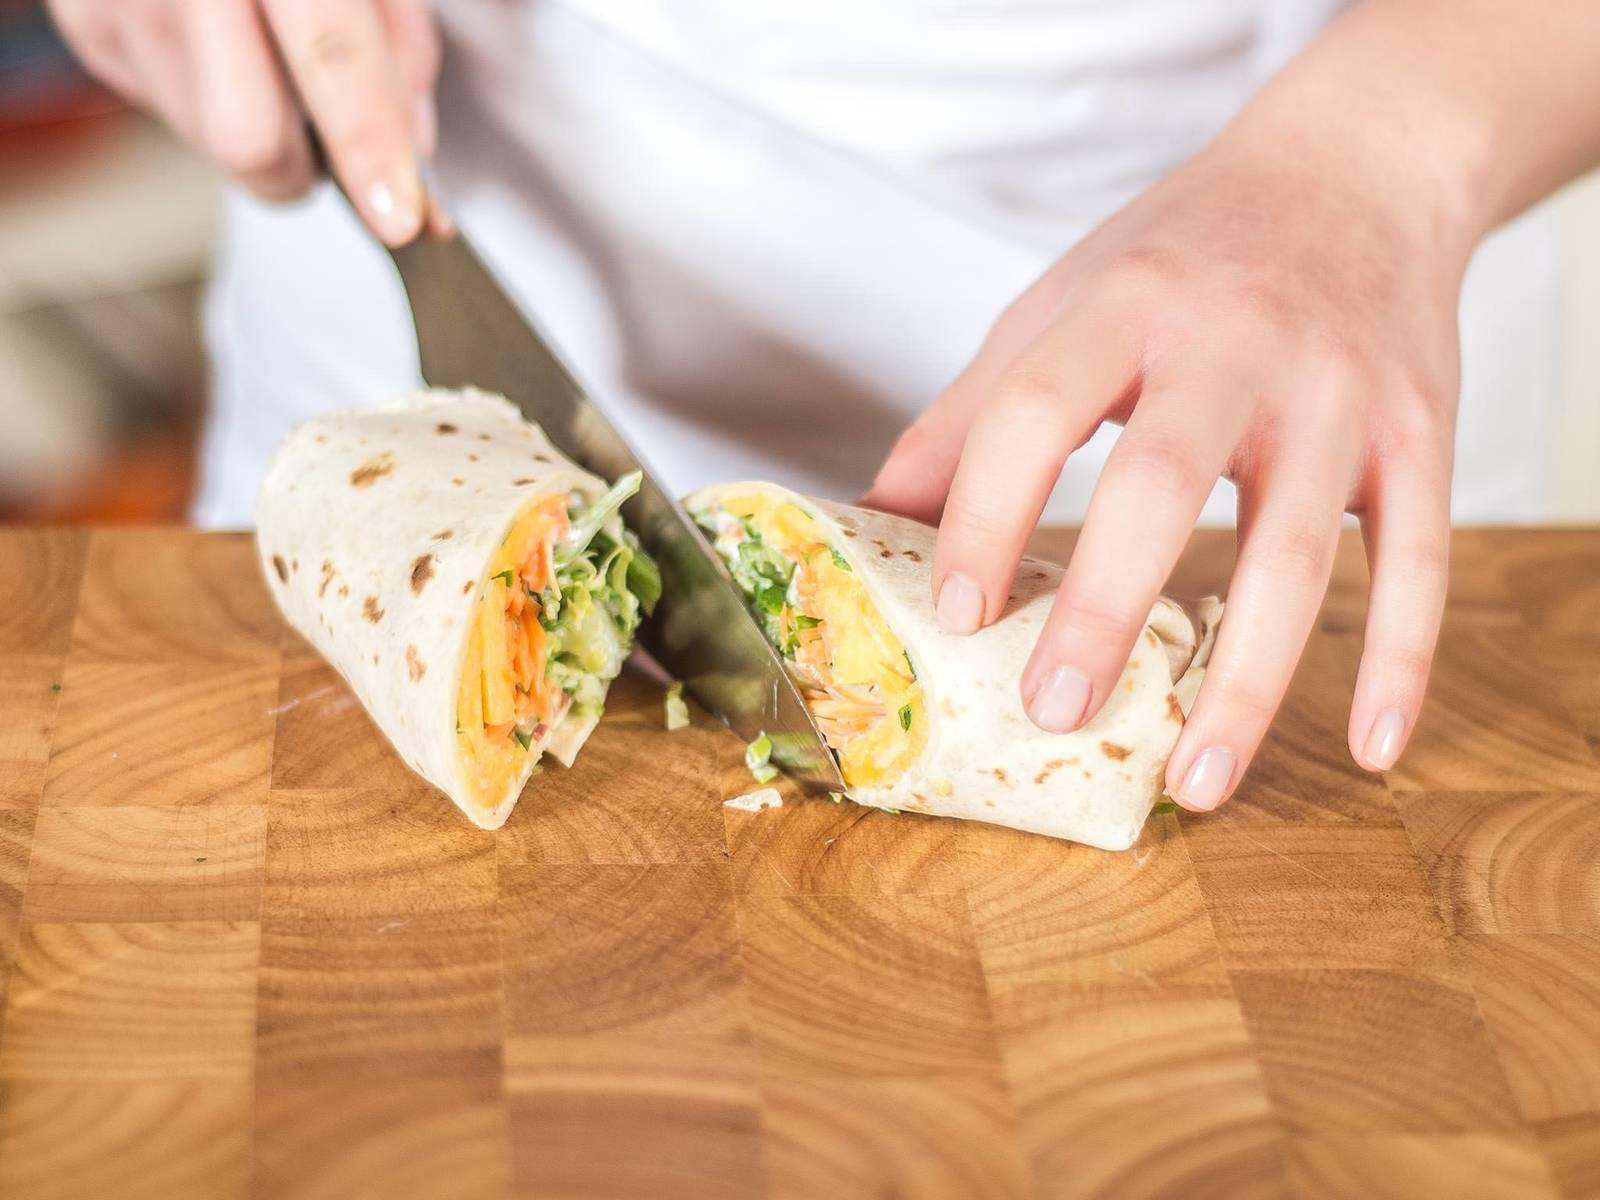 Zum Servieren den Wrap mittig schräg aufschneiden. So bekommt er eine schöne Optik und kann dekorativ auf einem Teller platziert werden.